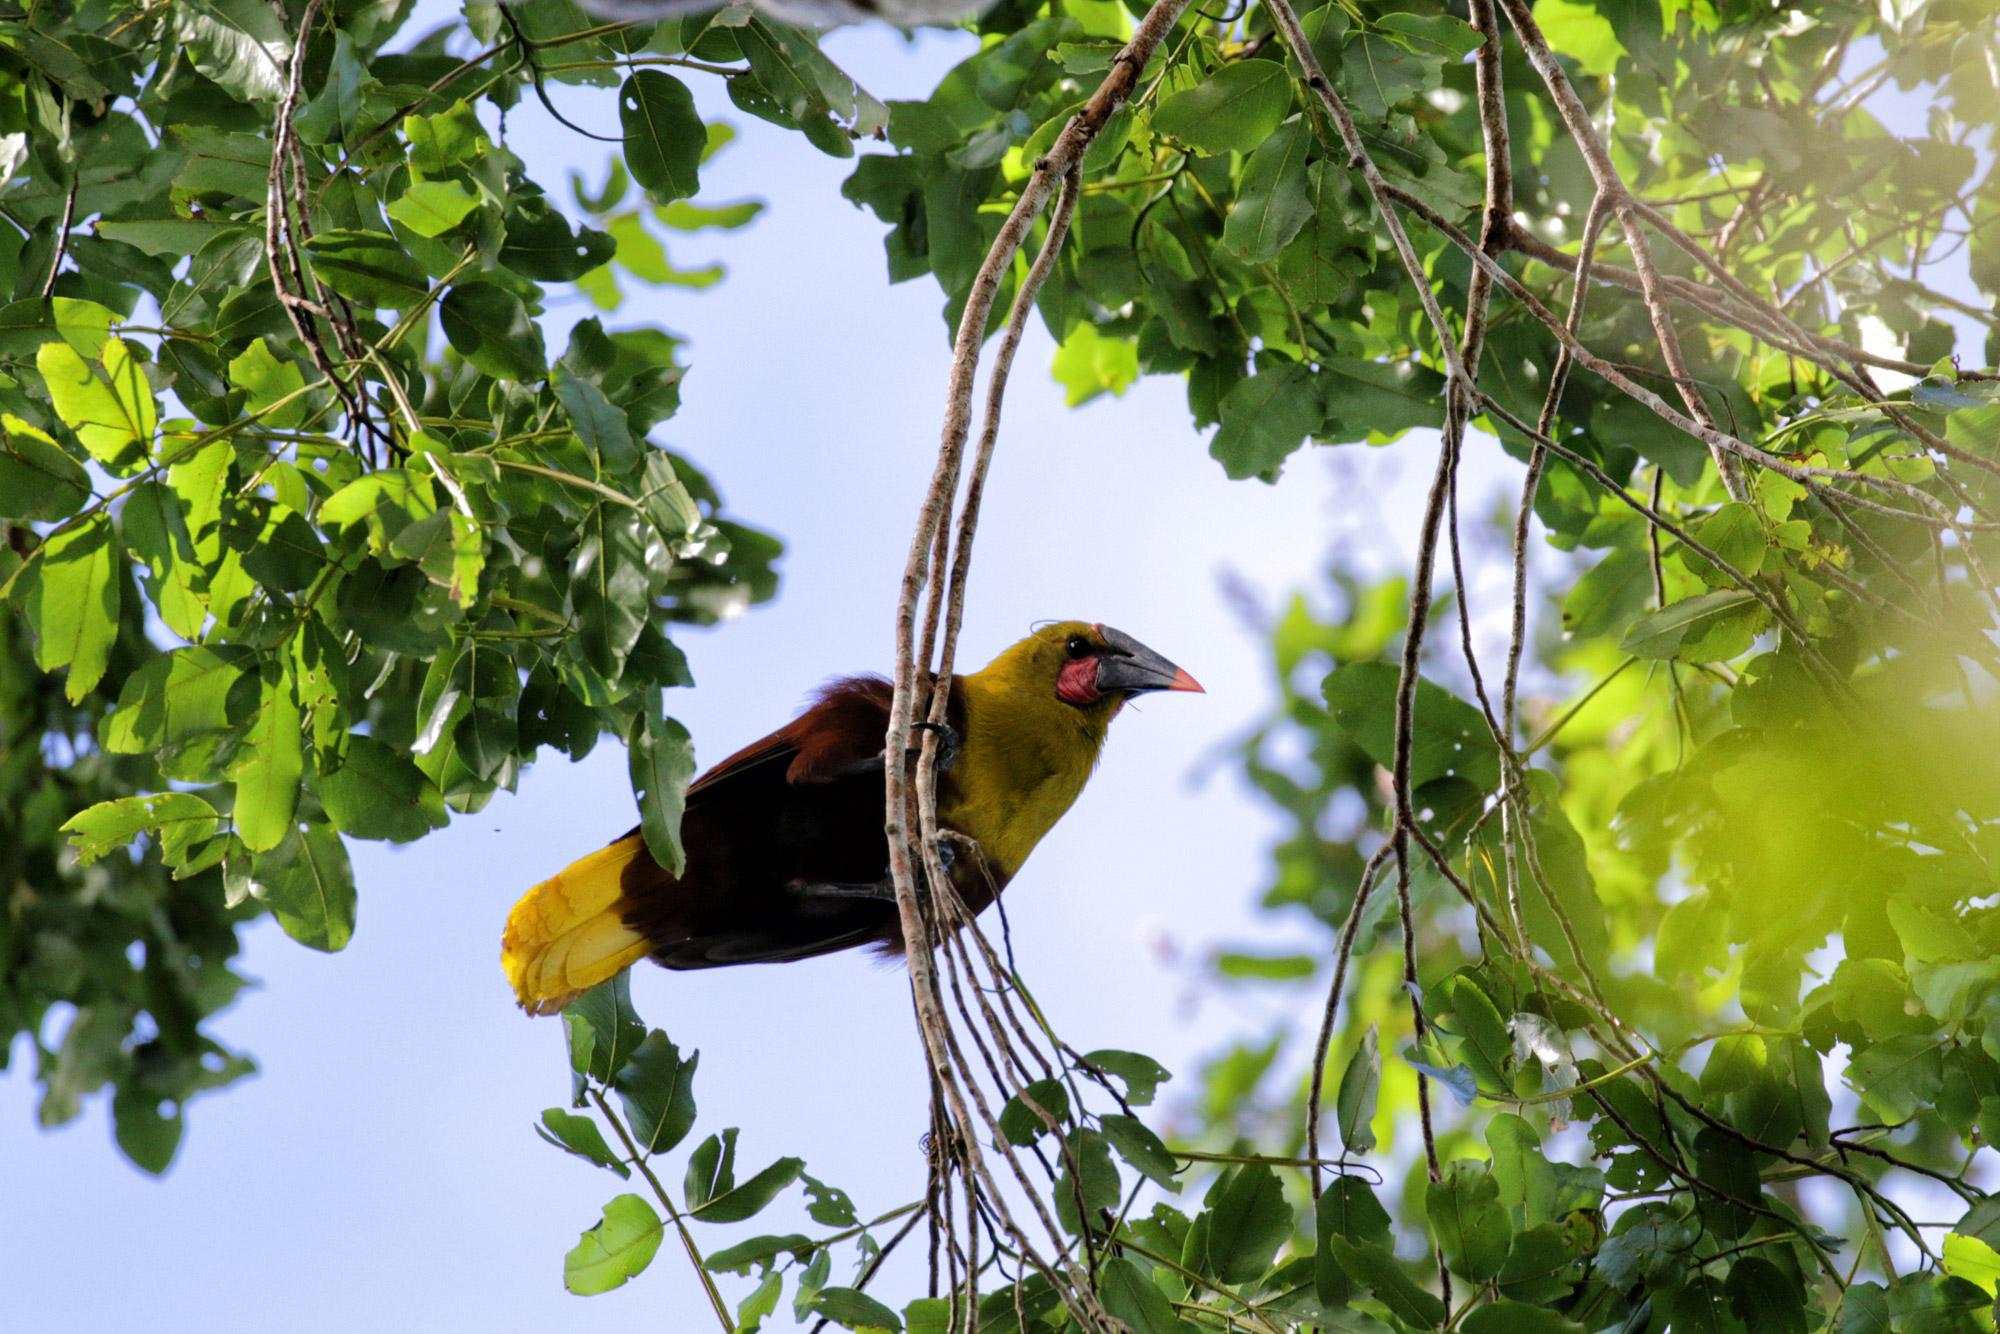 Gespotte dieren: Amazonian Oropendola